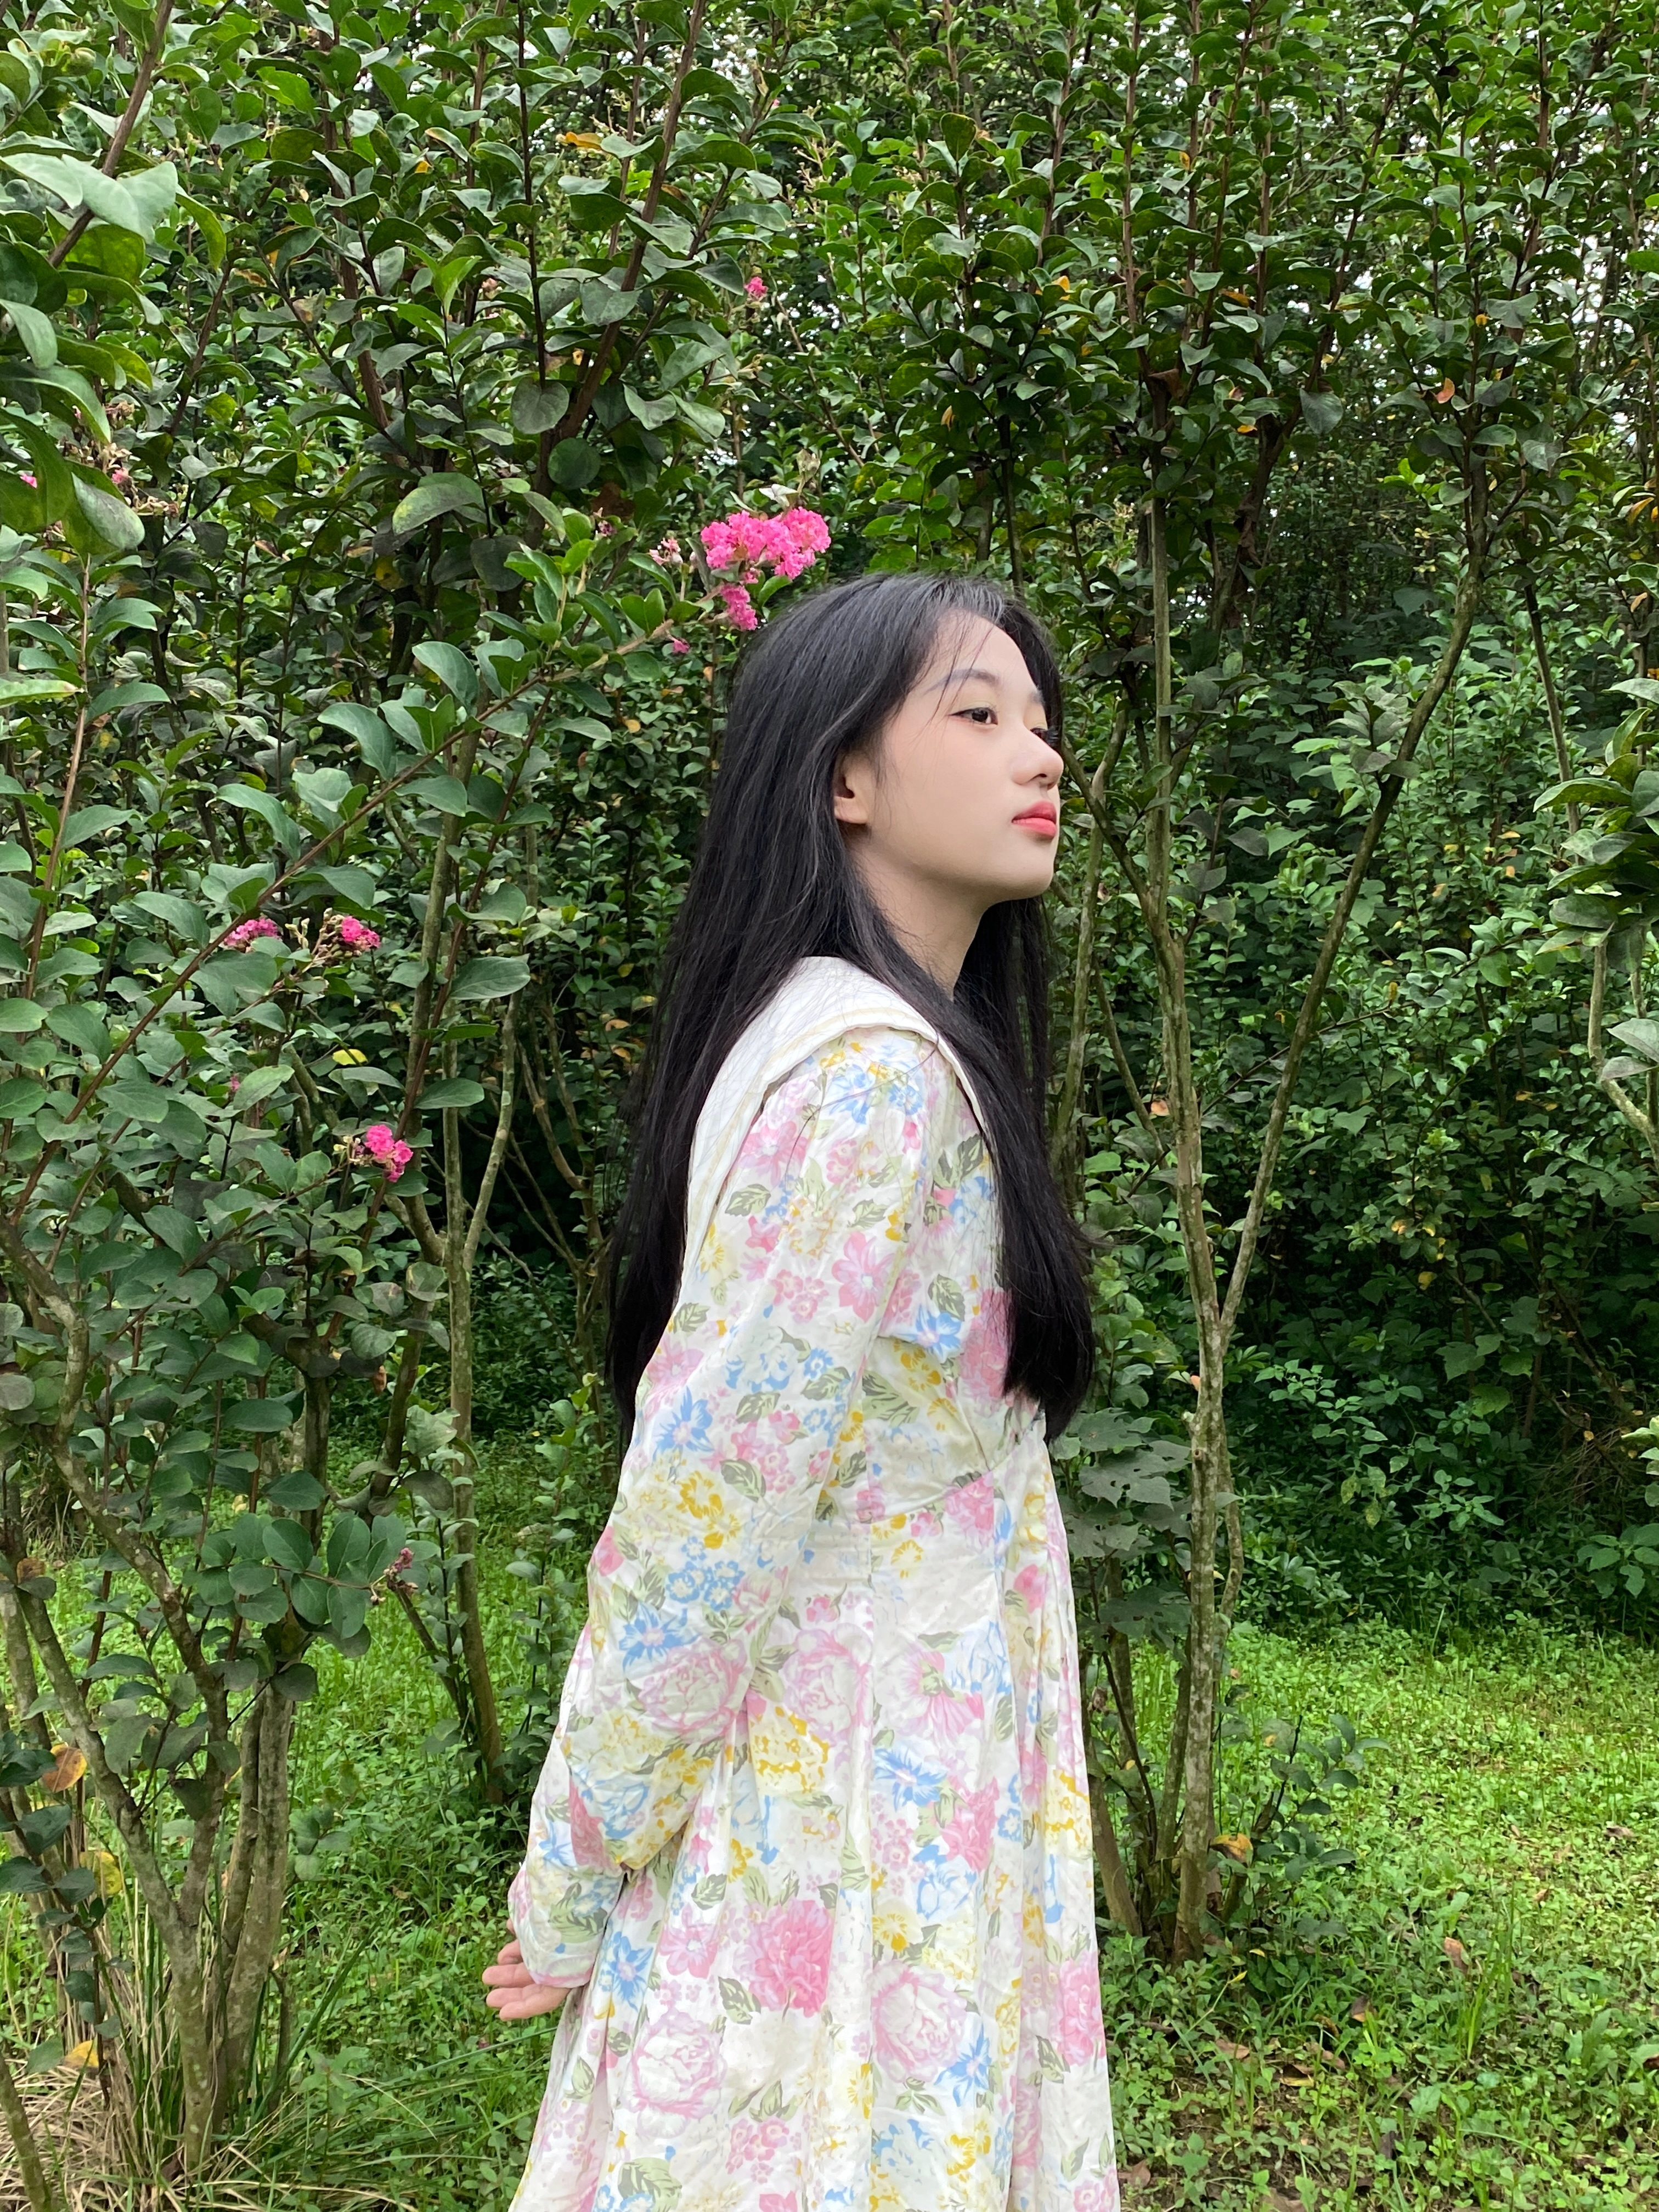 公主日记斯人若彩虹 我是真的很喜欢带花花...美女